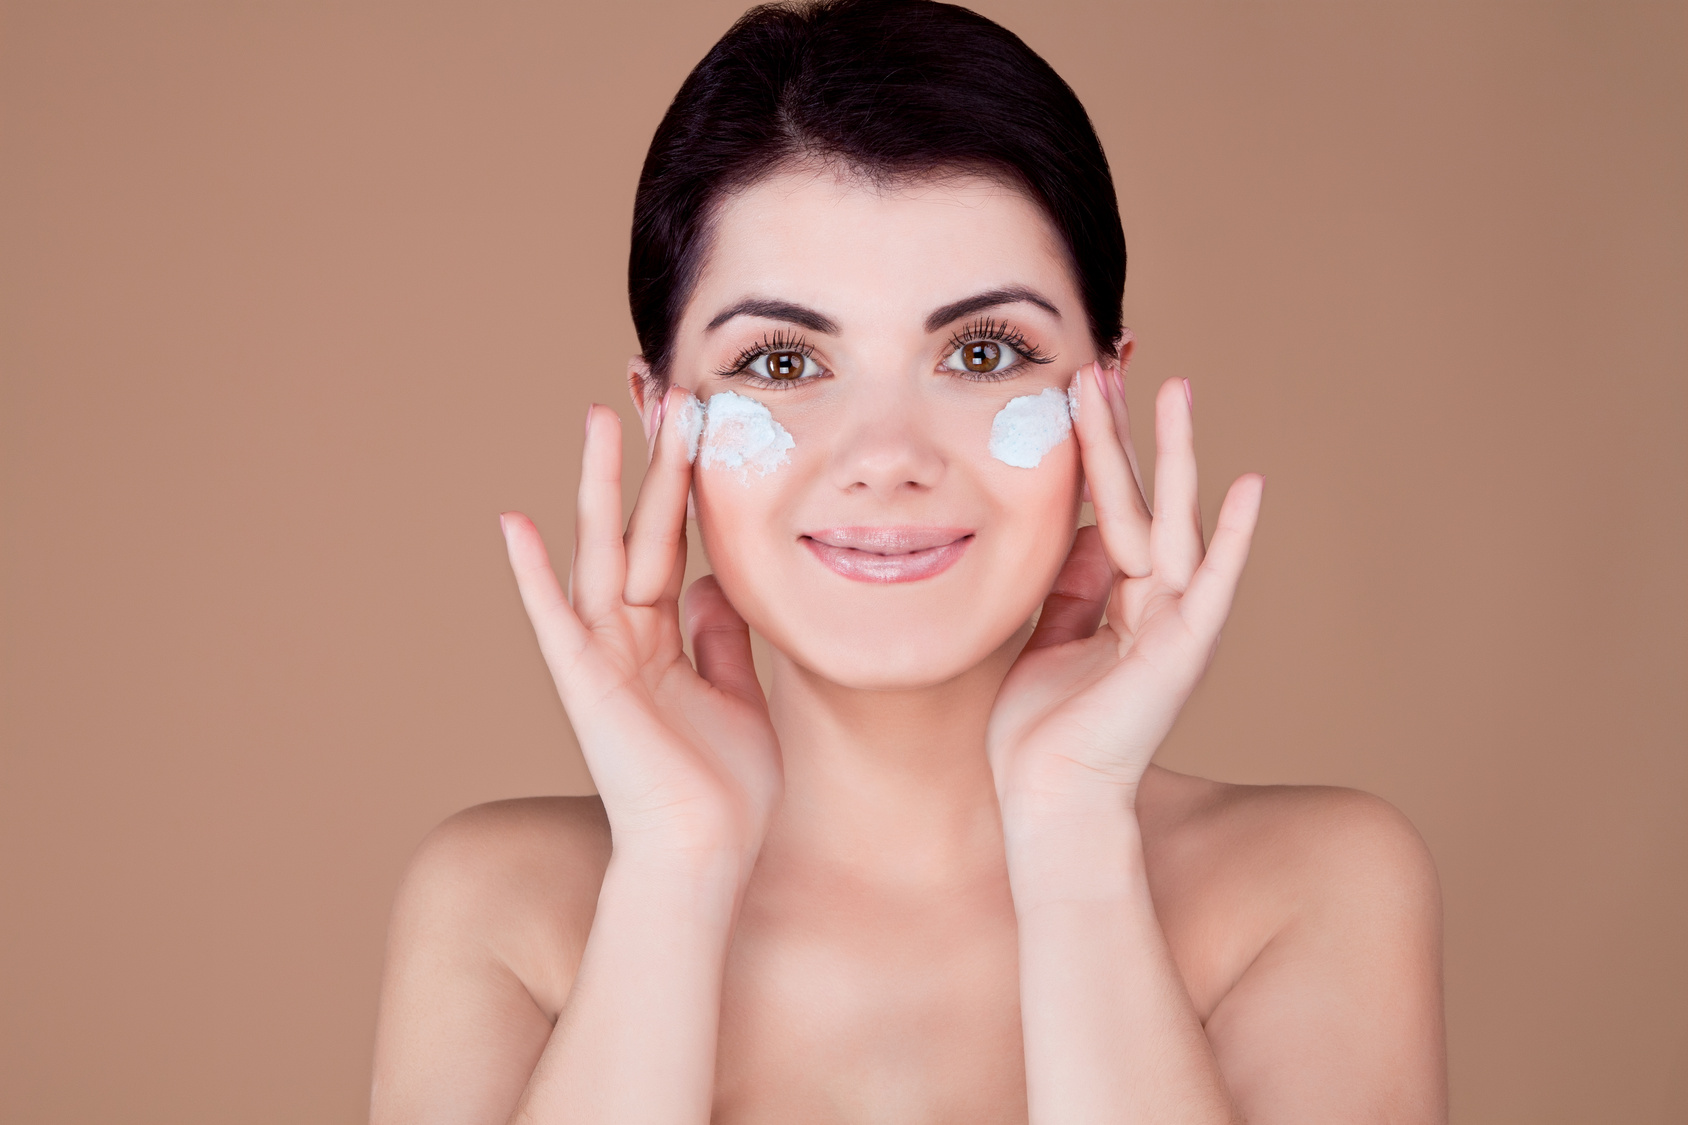 Cuidados com a pele no Inverno - filtro solar